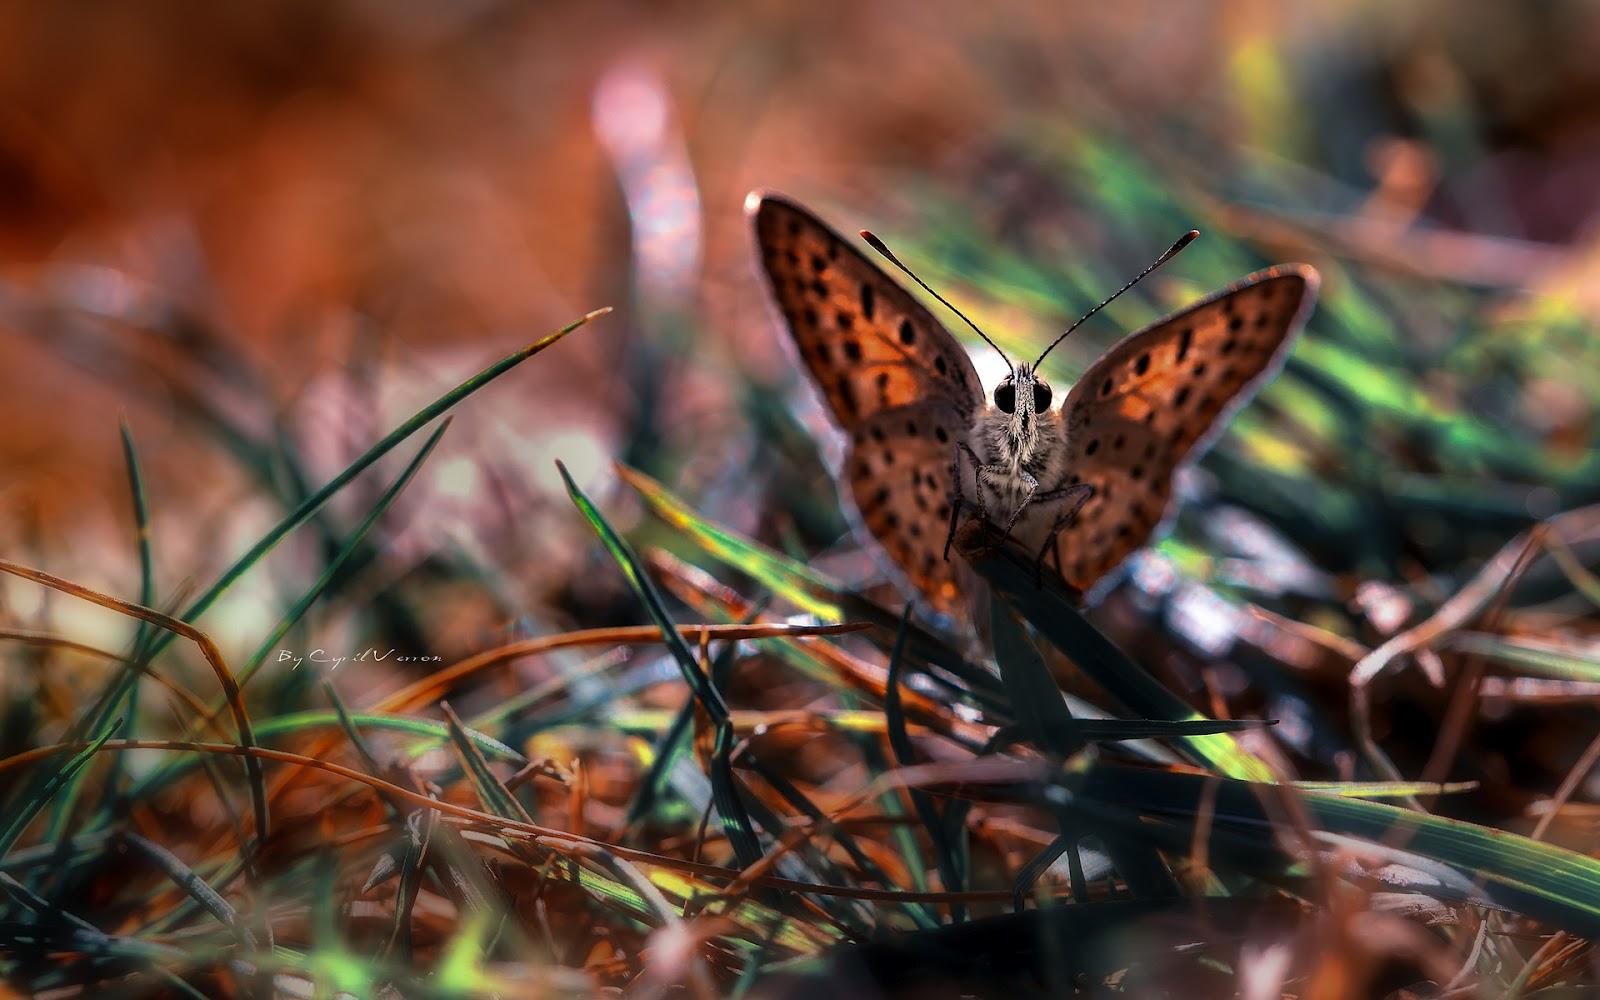 Cute Butterflies Wallpapers for Desktop